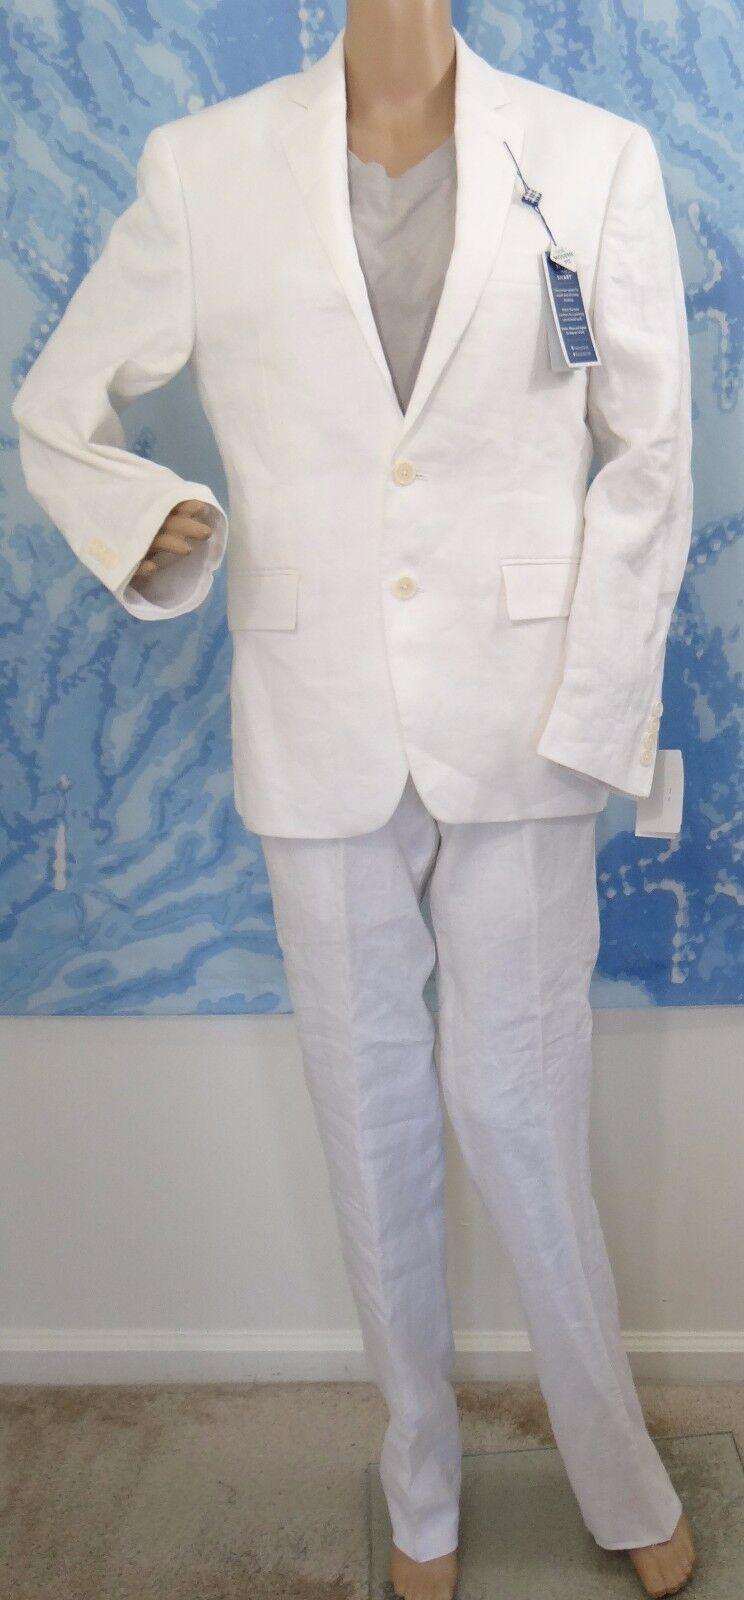 NWT Ryan Seacrest Distinction white linen Blazer & pant 2pc suit,36 SHORTx29W